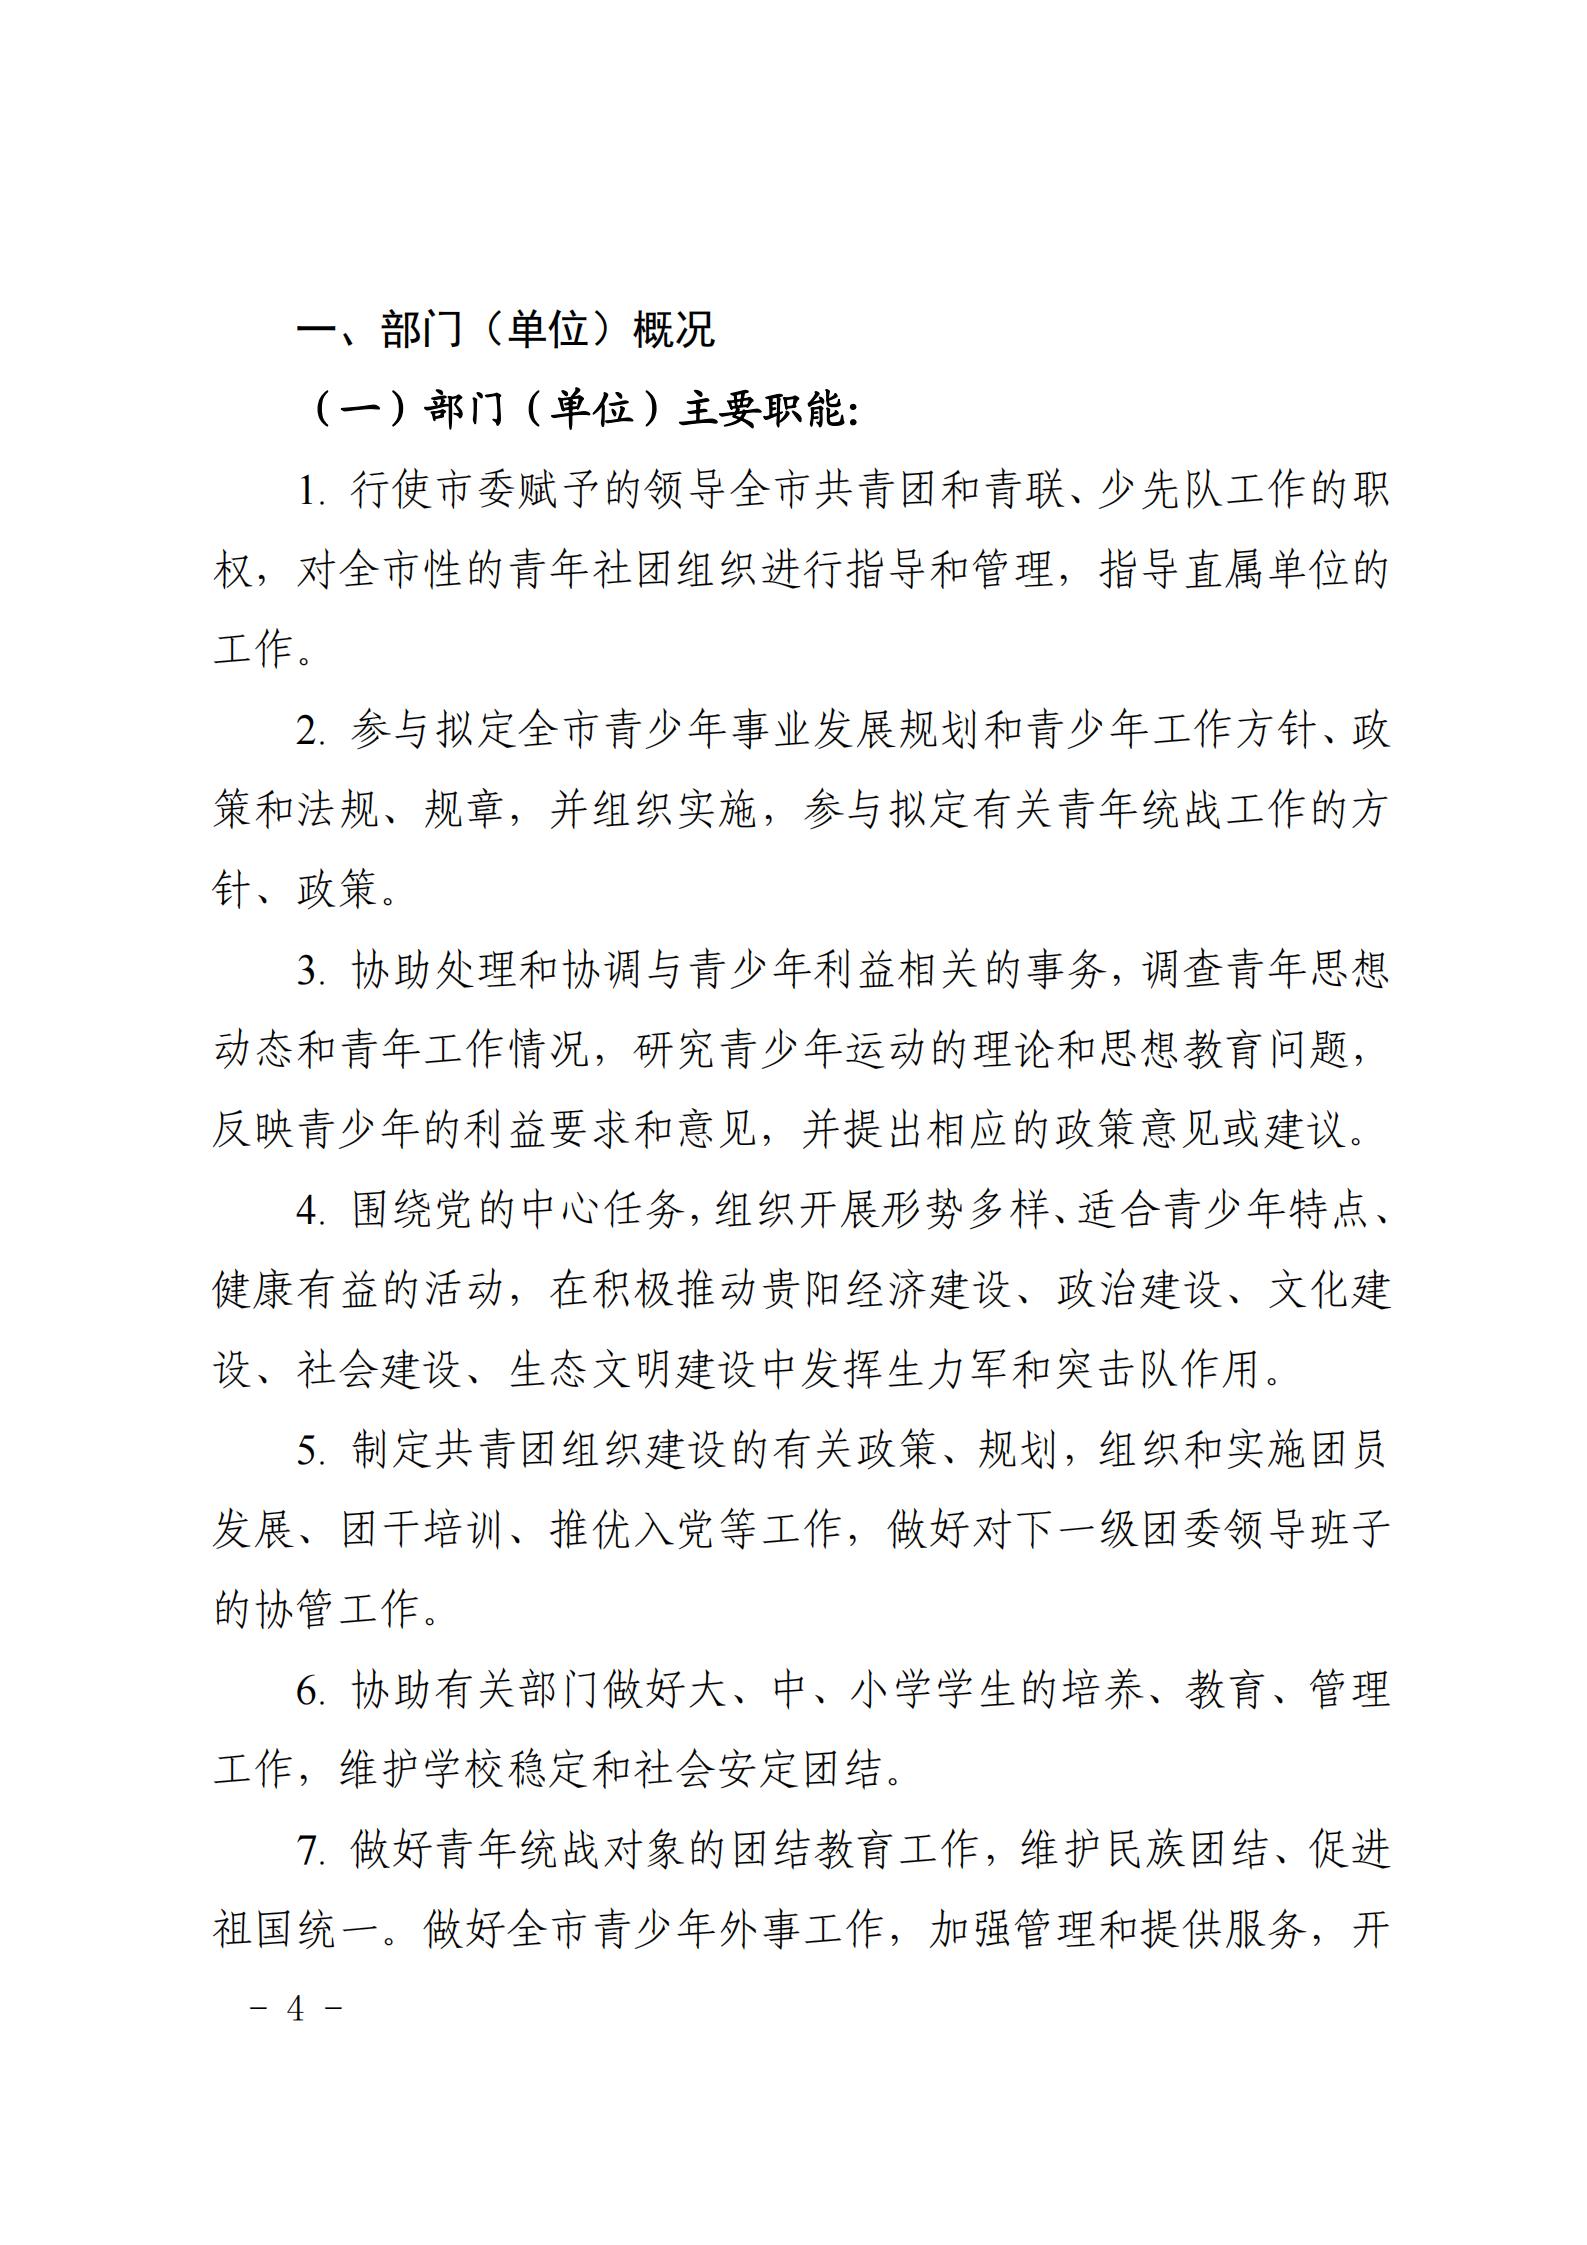 """共青团贵阳市委(本级)2021年度市级部门预算、""""三公""""经费预算公开说明(1)_03.png"""